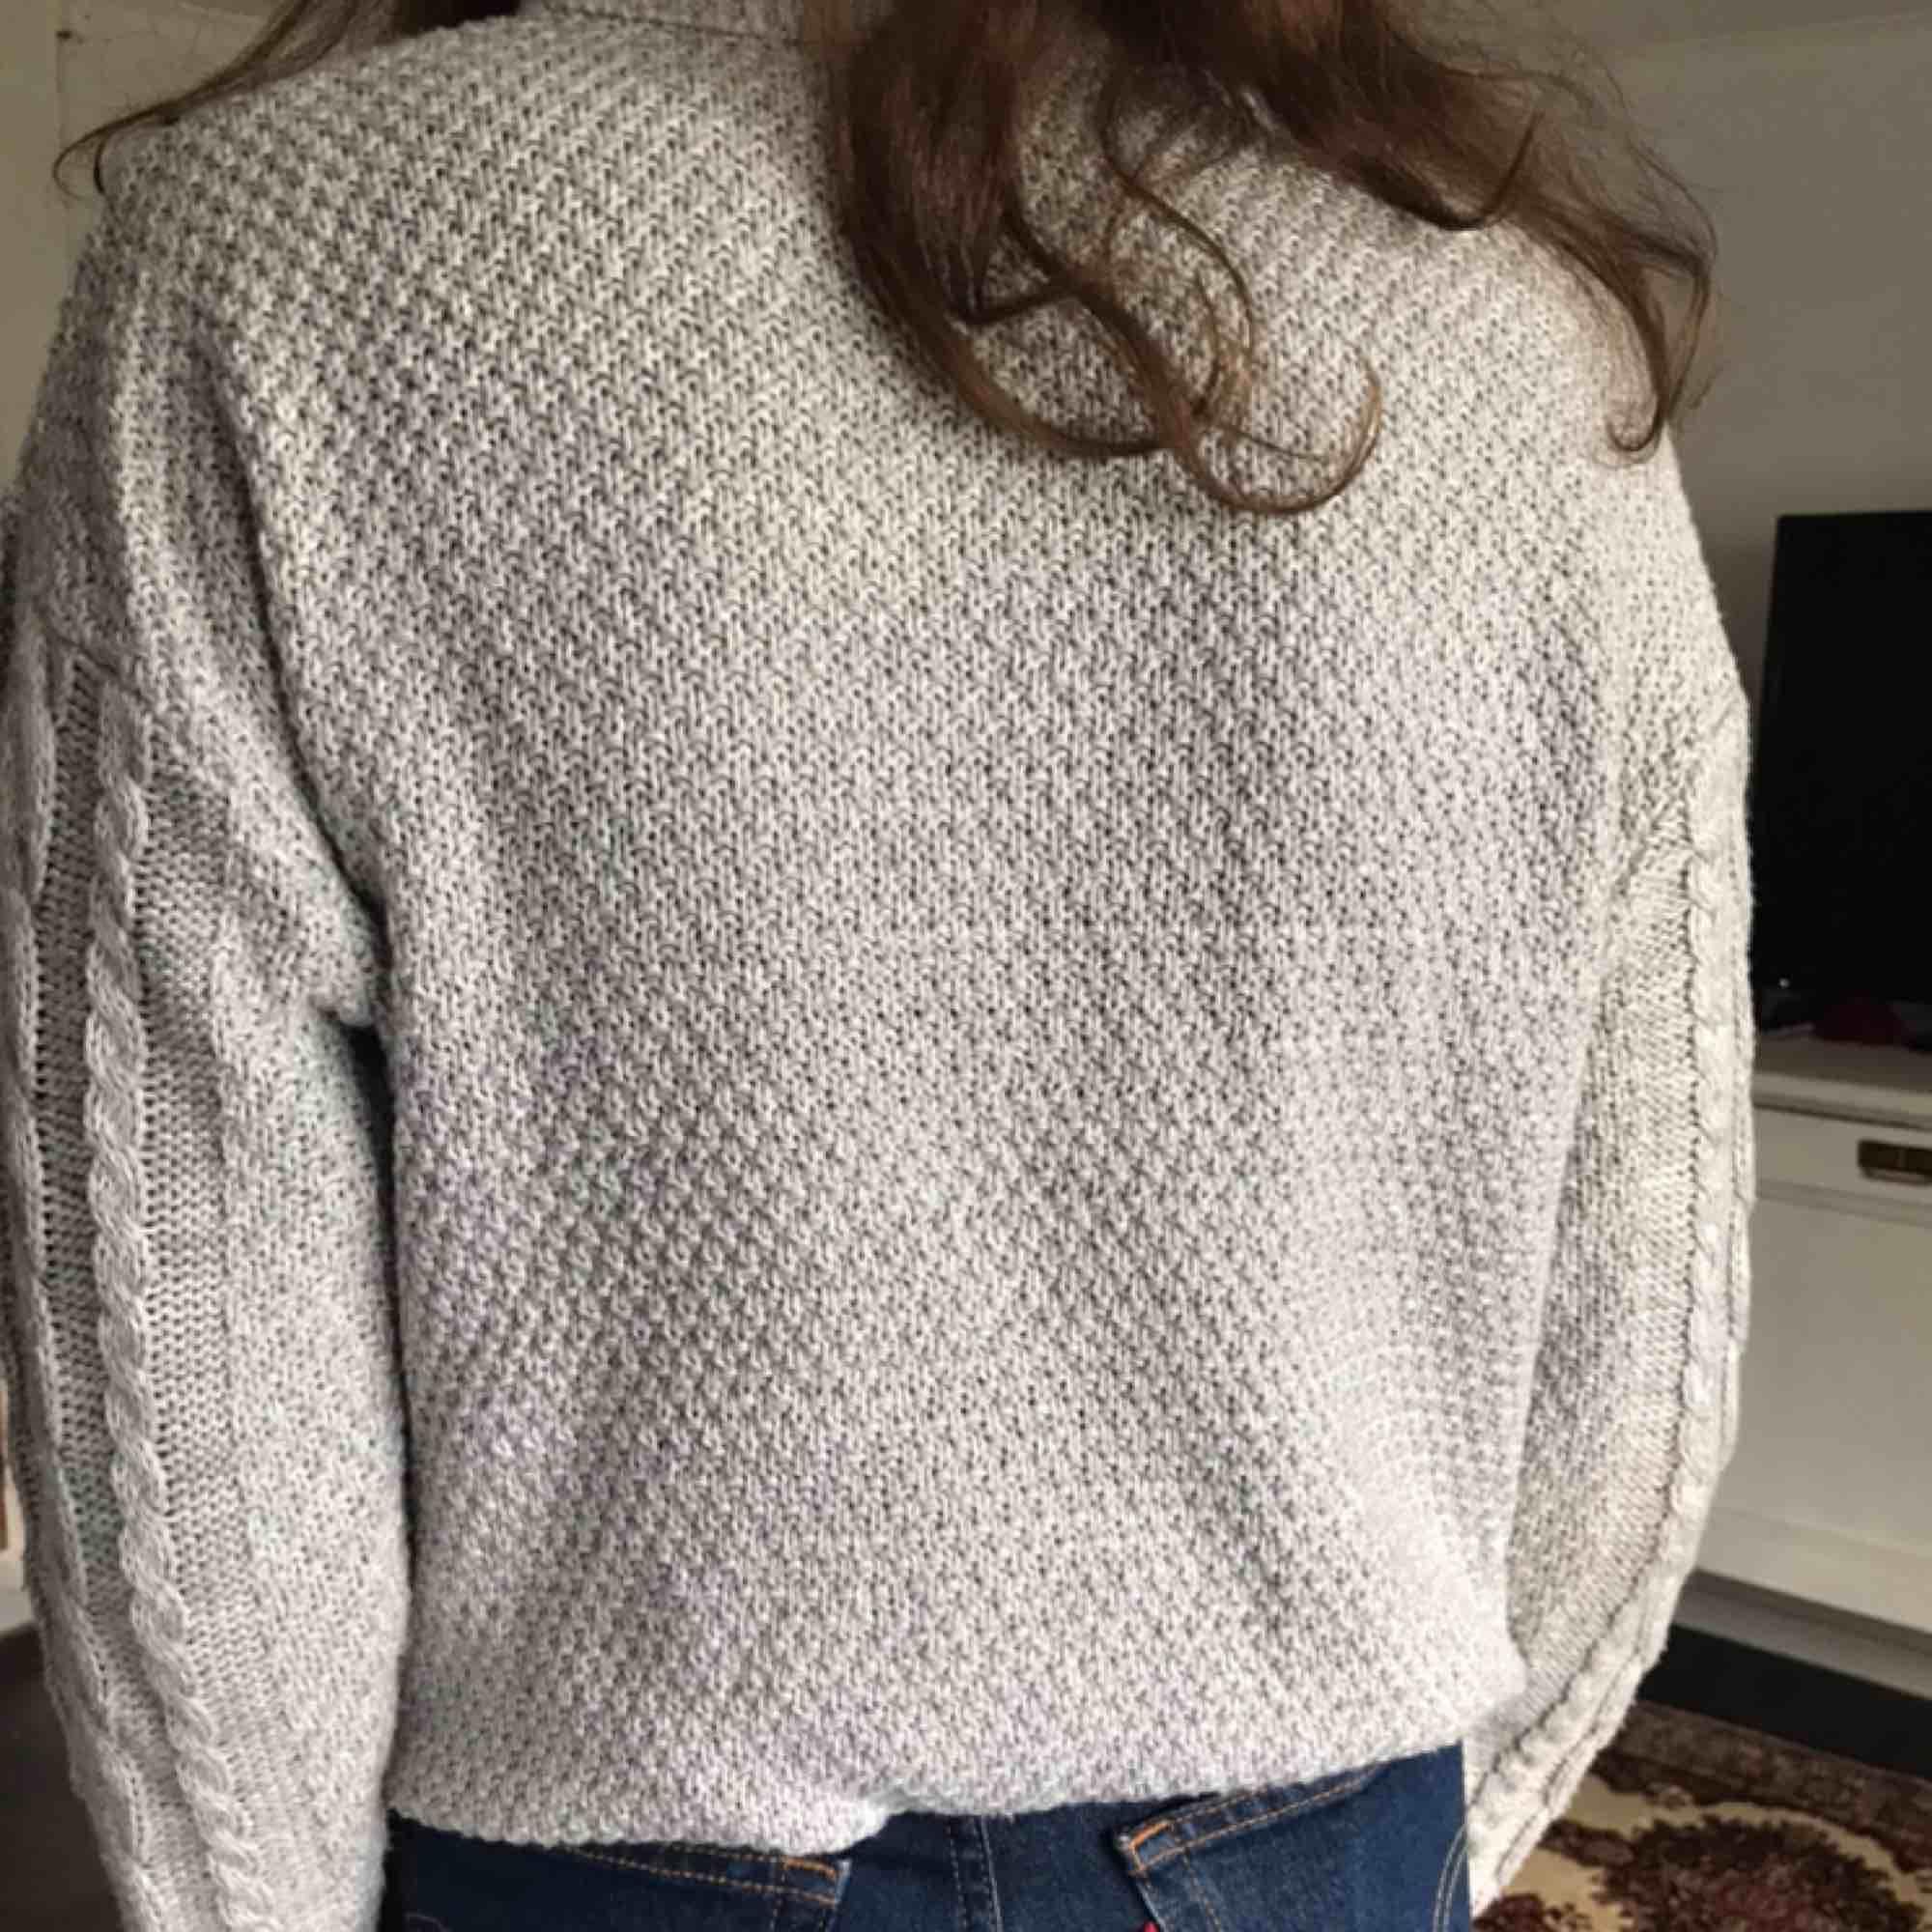 Jätteskön och fin grå stickad tröja från pull&bear. Den sticks inte alls. Men har ganska liten och tight krage. Använd ca 5 gånger men som ny. Nypris: 249kr säljer för 150kr (pris kan diskuteras) . Stickat.